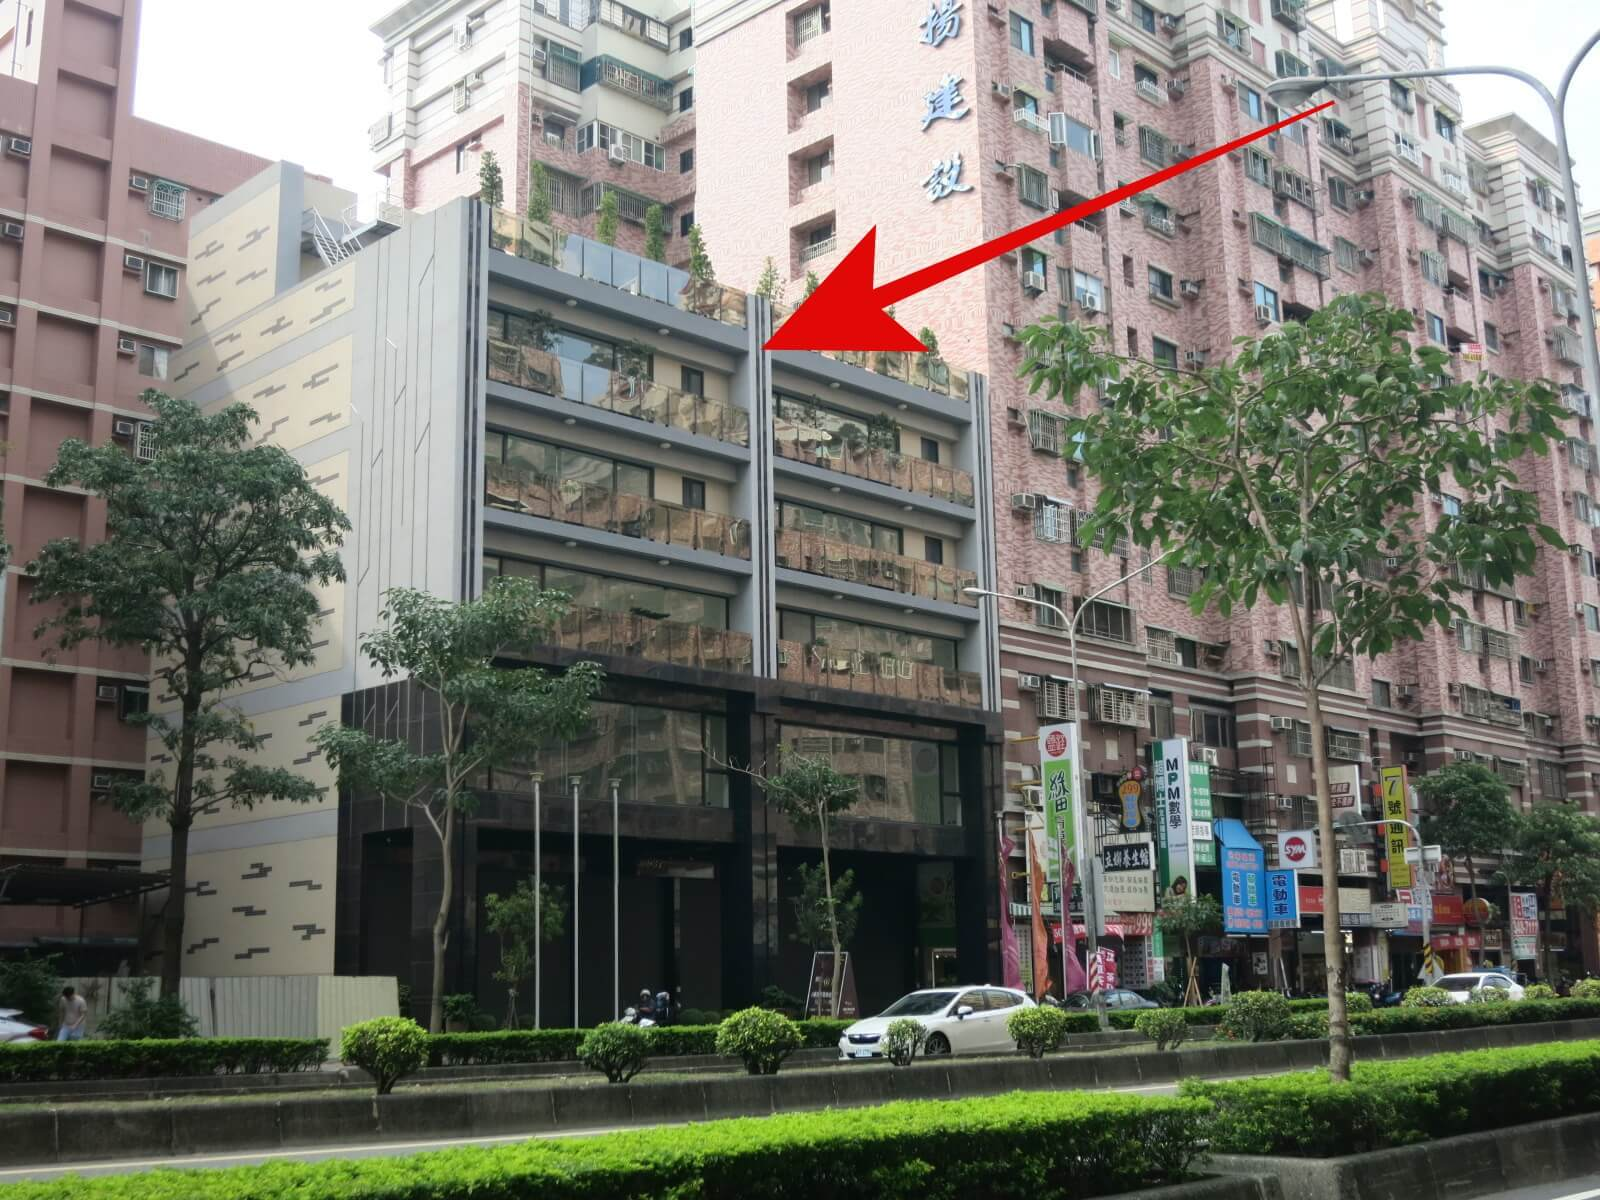 圖片:高雄左營建案 民族帝富 正民族路地王 住店、商辦、投資極品